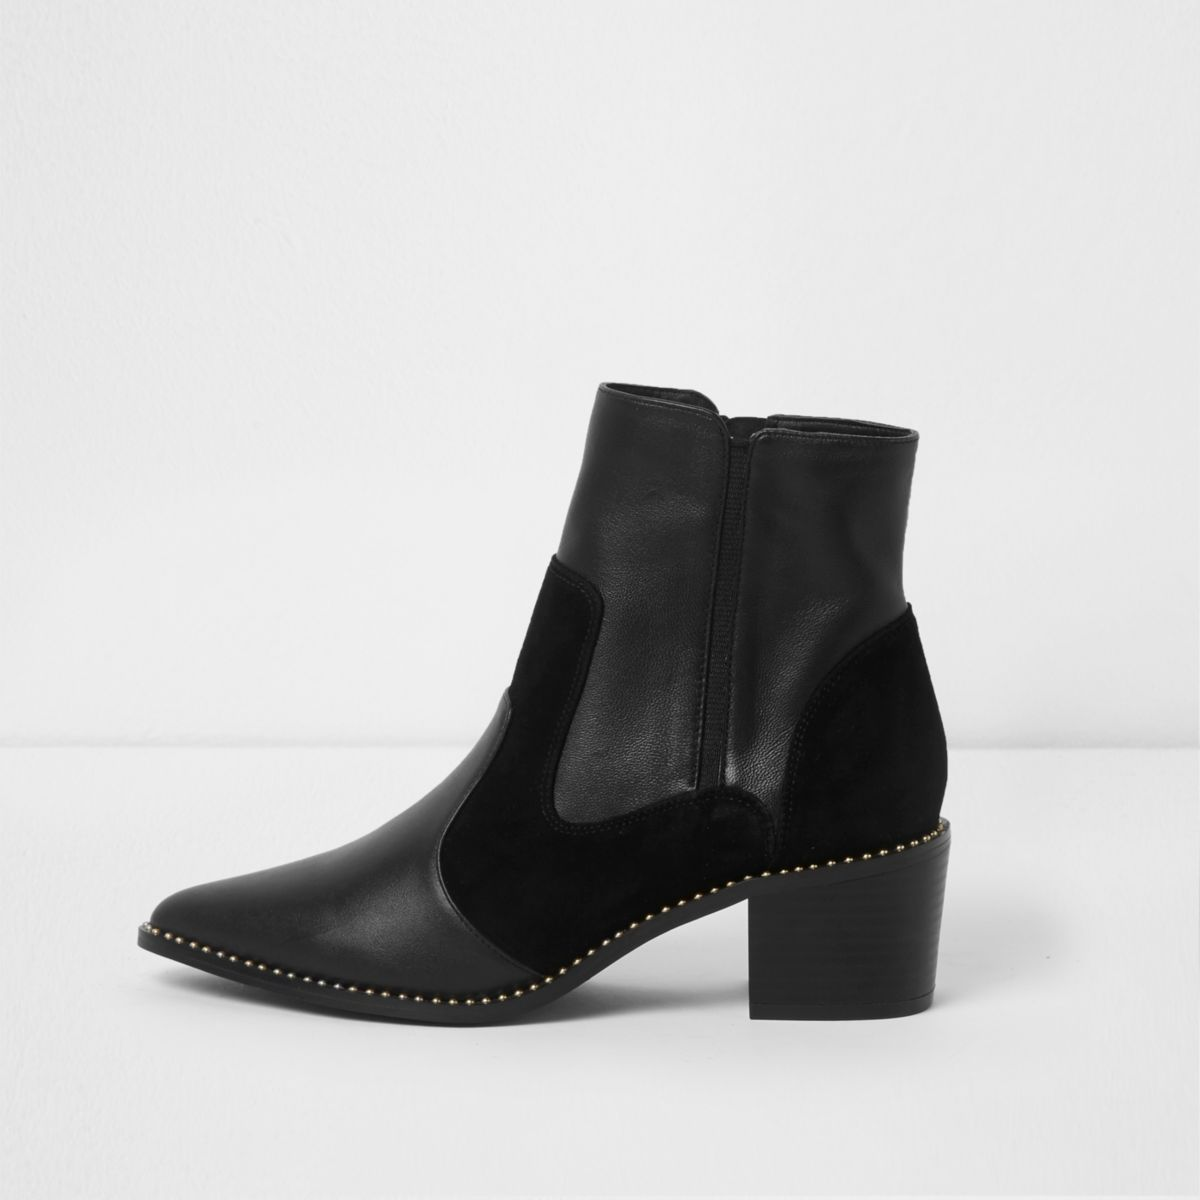 Bottes noires cloutées en cuir style western